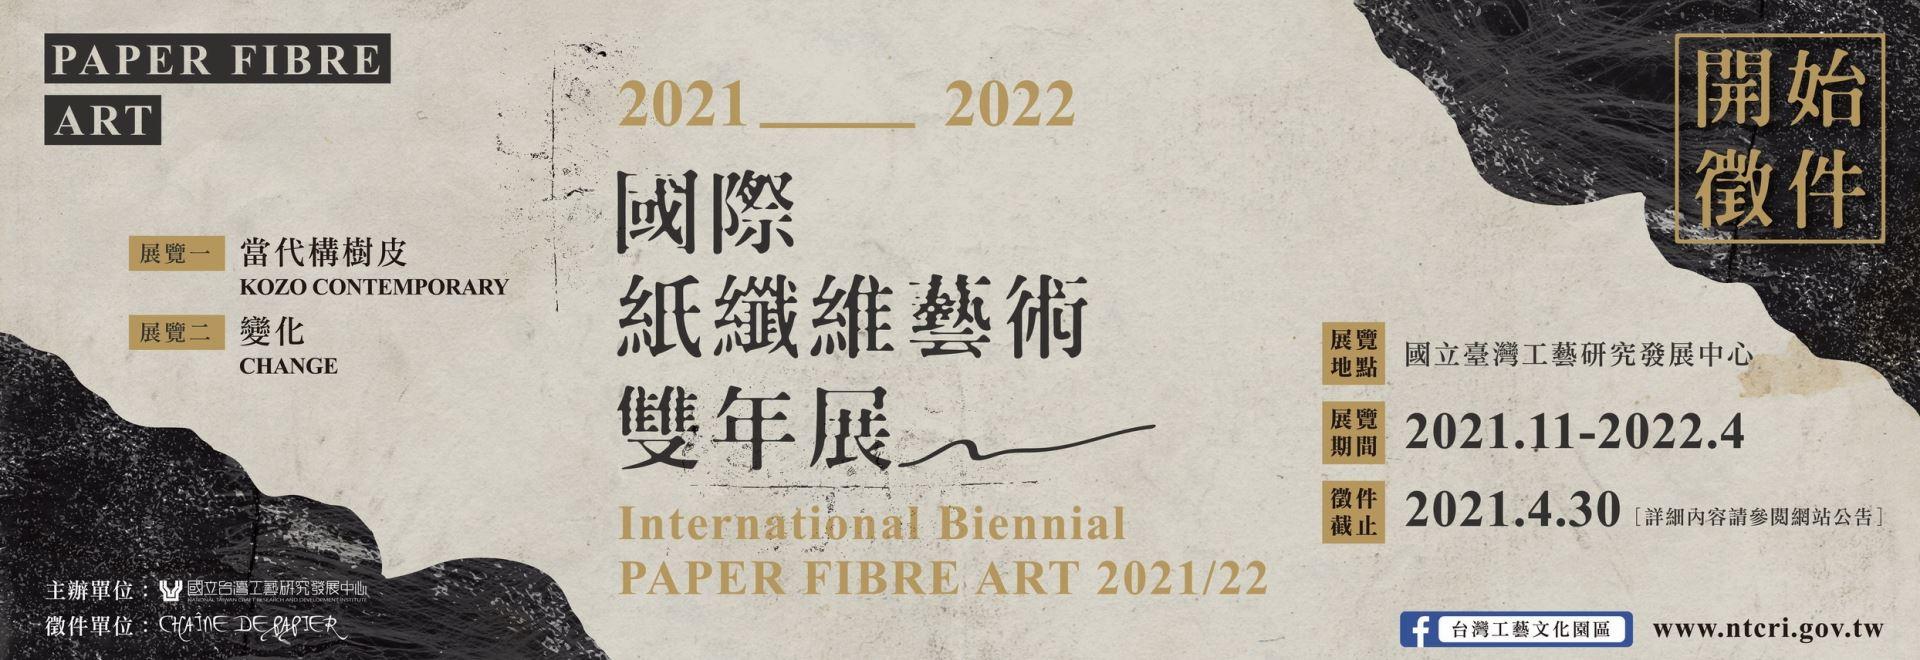 2021/22國際紙纖維藝術雙年展徵件「另開新視窗」